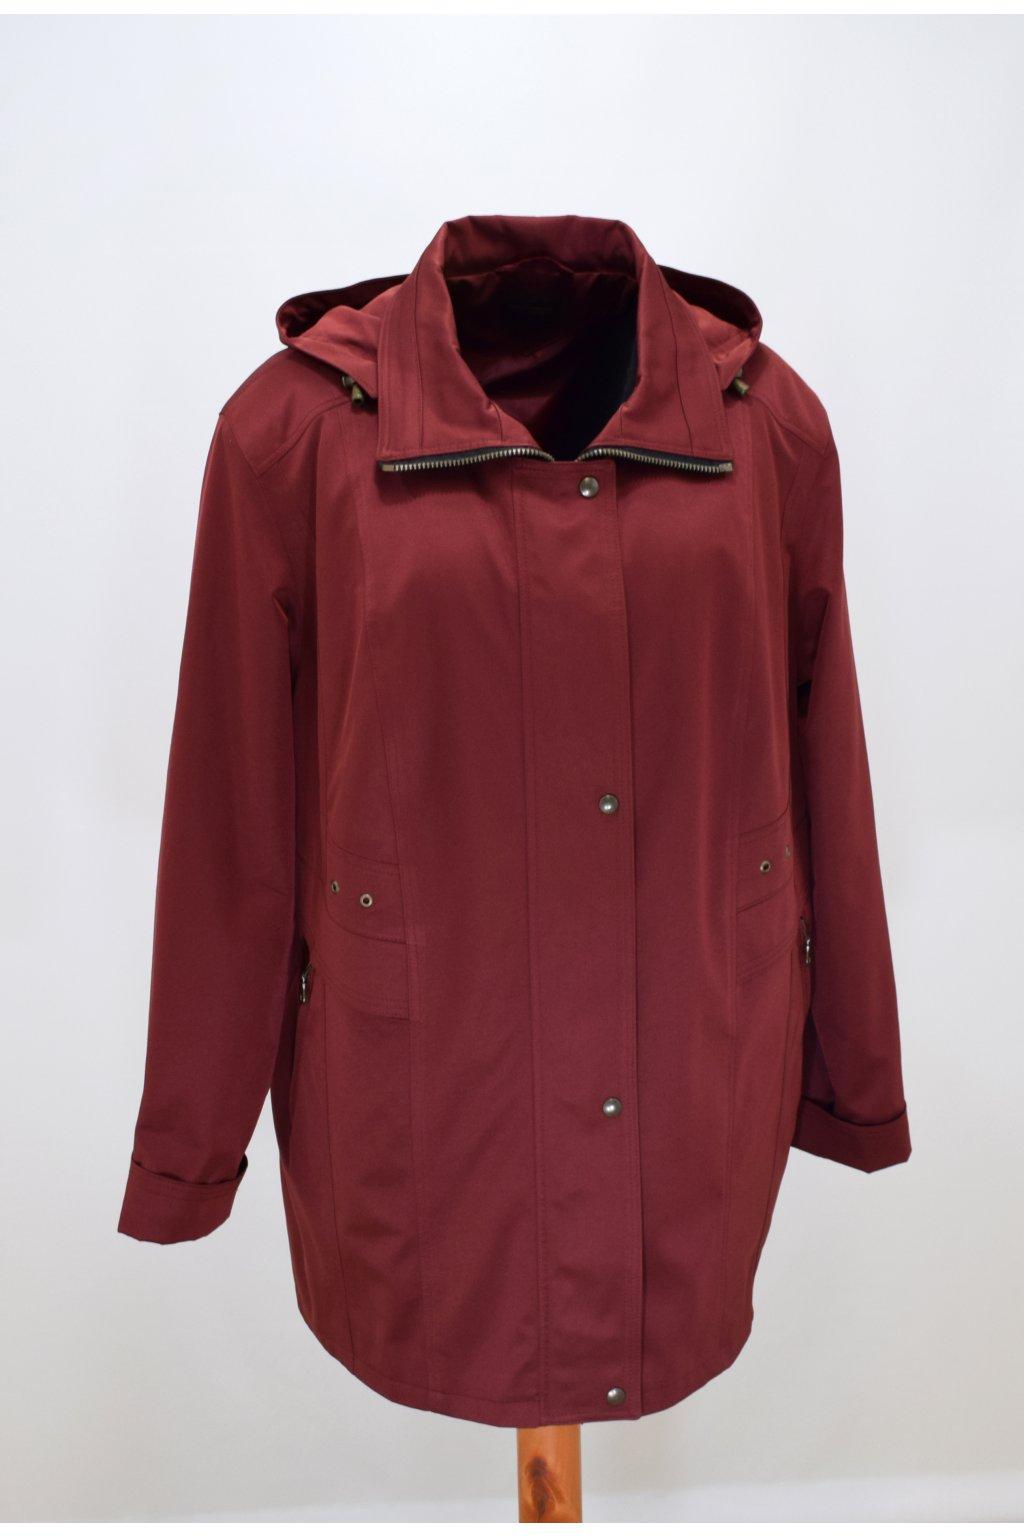 Dámská vínová jarní bunda Helena nadměrné velikosti.